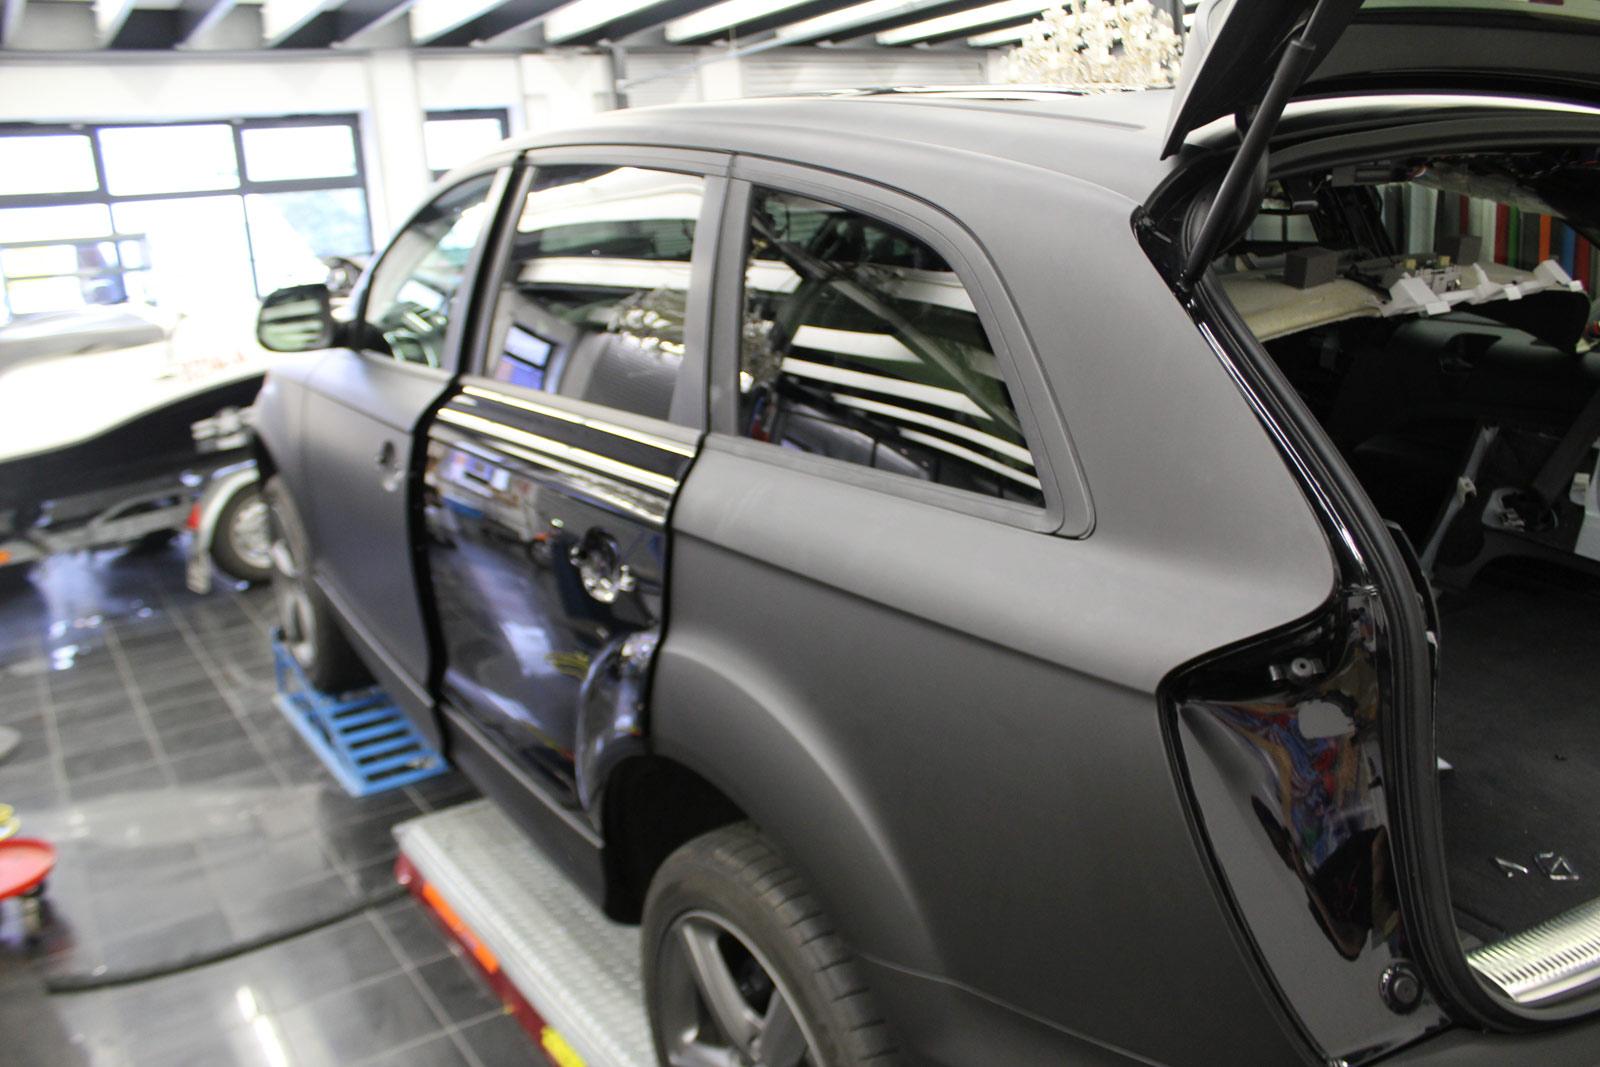 Audi_Q7_Folienbeklebung_Schwarz_Ultramatt_03